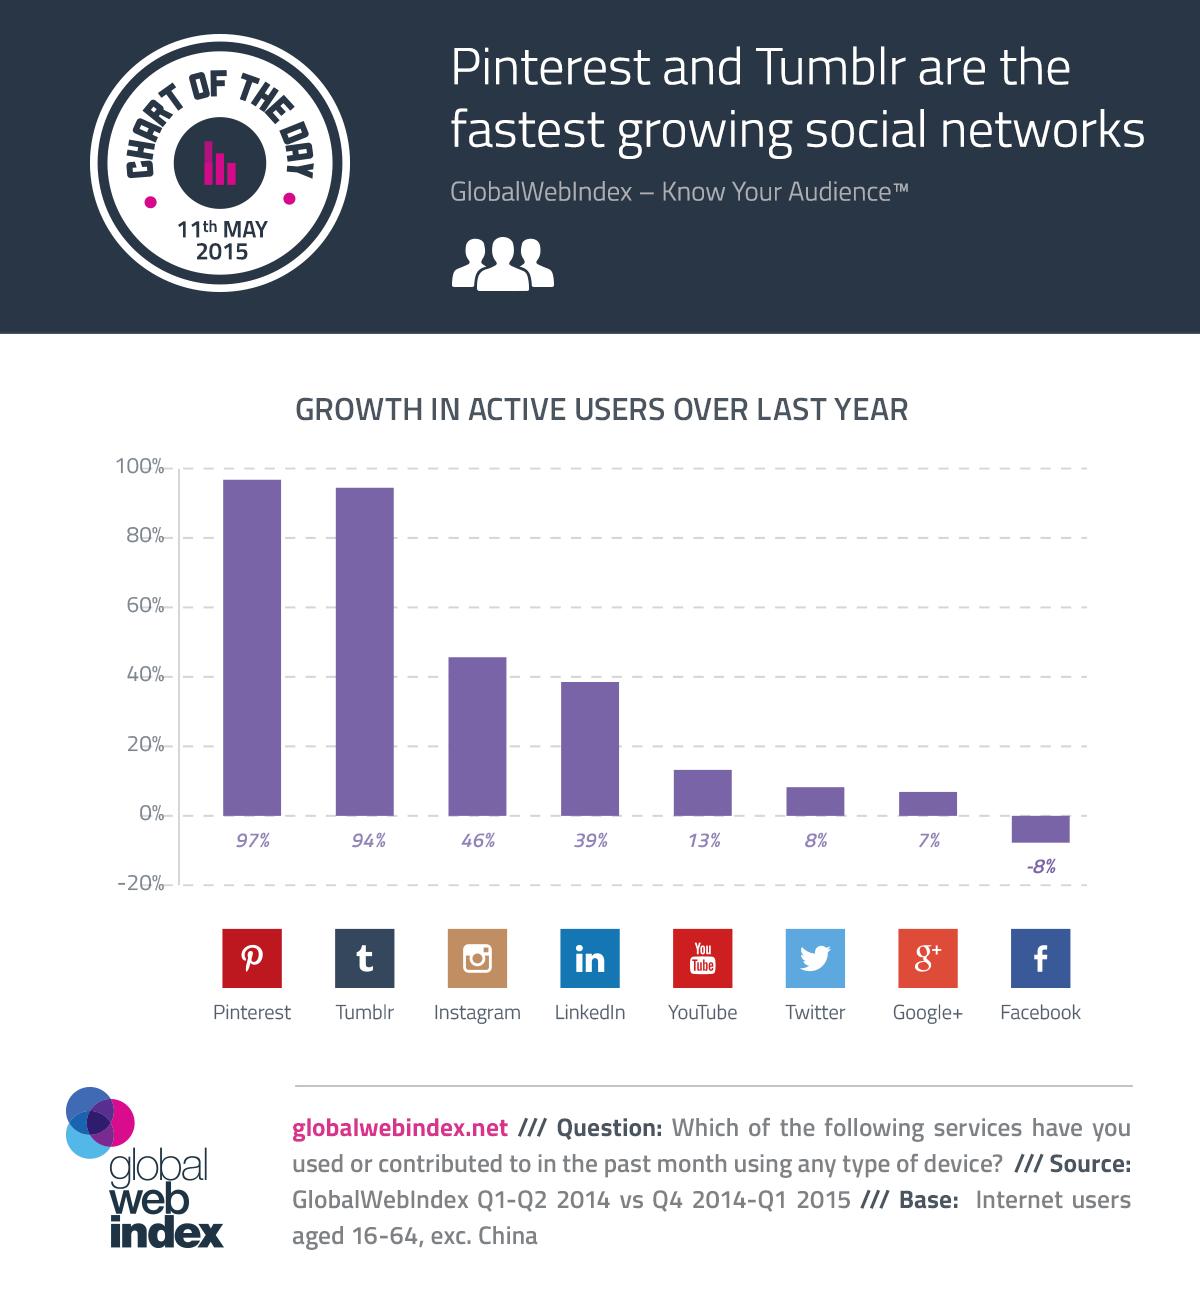 Medios sociales y sus usuarios activos, Pinterest el primero, Facebook el peor